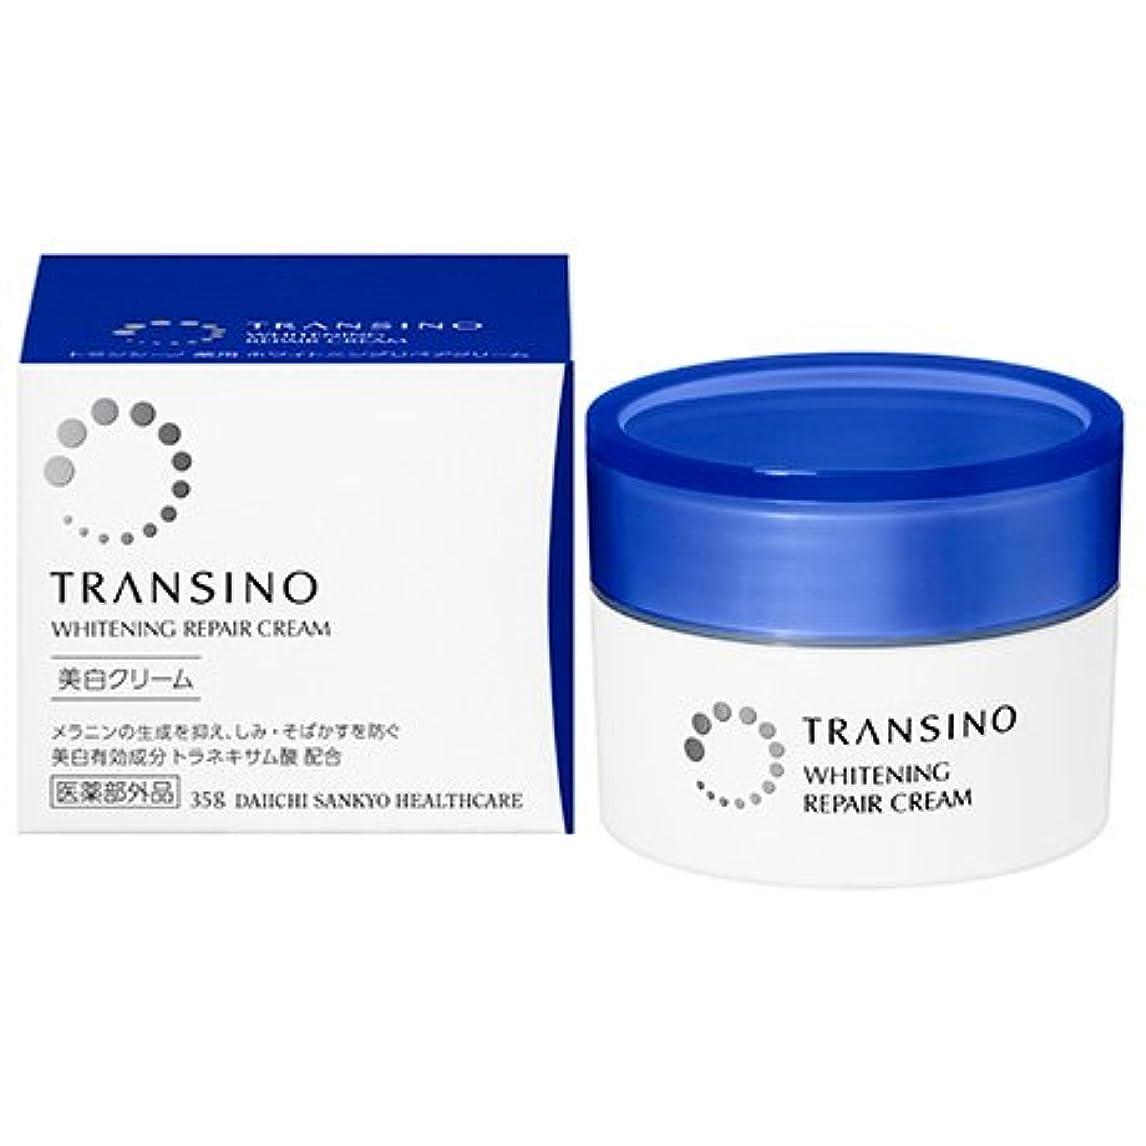 失敗毒性高揚した第一三共ヘルスケア トランシーノ 薬用ホワイトニングリペアクリーム 35g [並行輸入品]